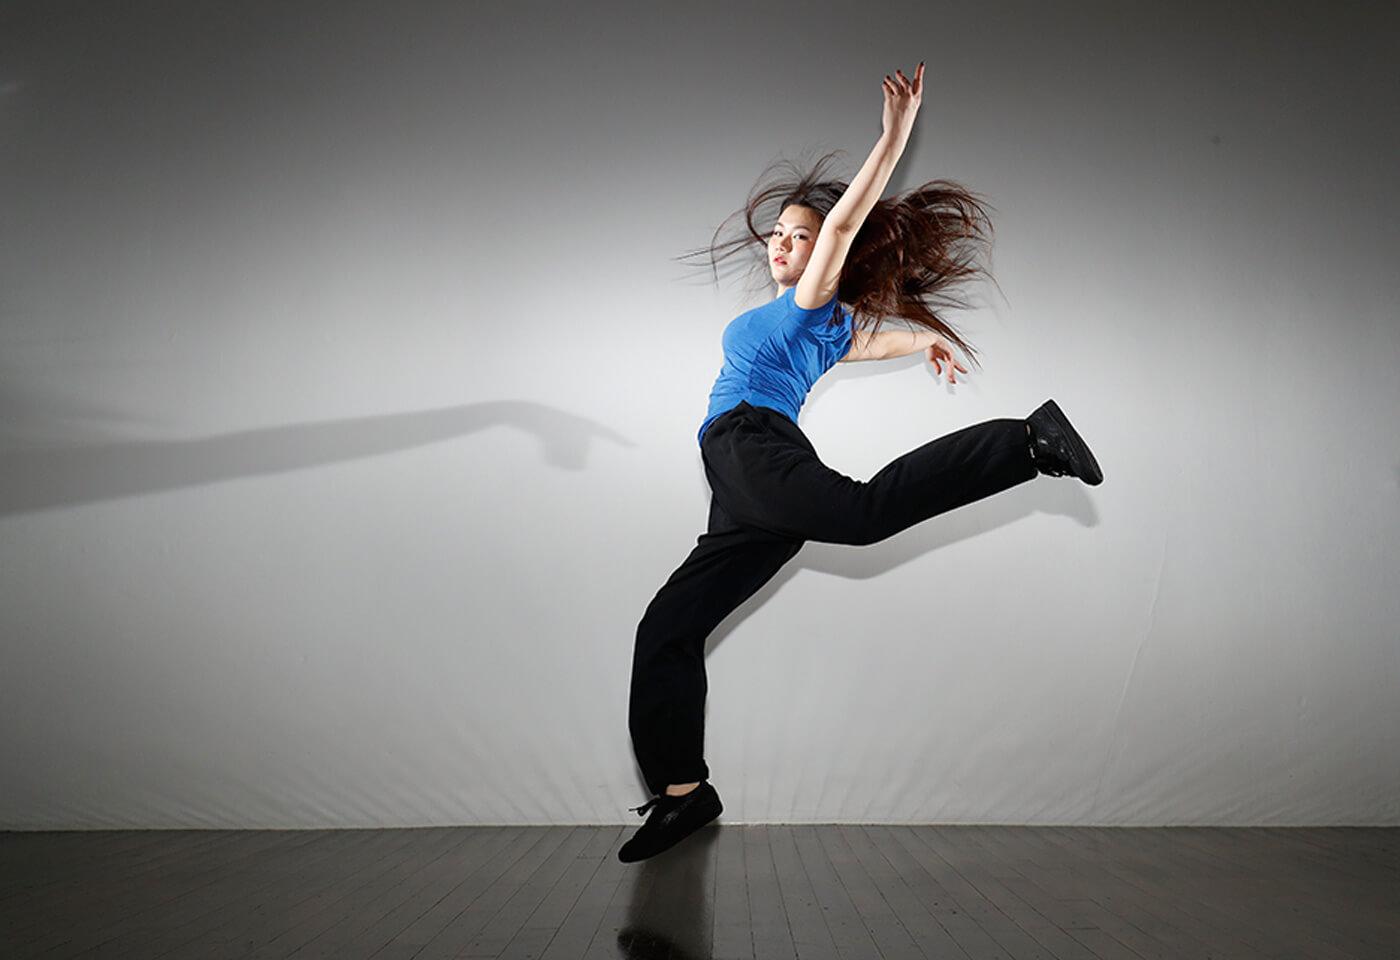 Dancer in studio taken with Canon Speedlite 600EX II-RT flash